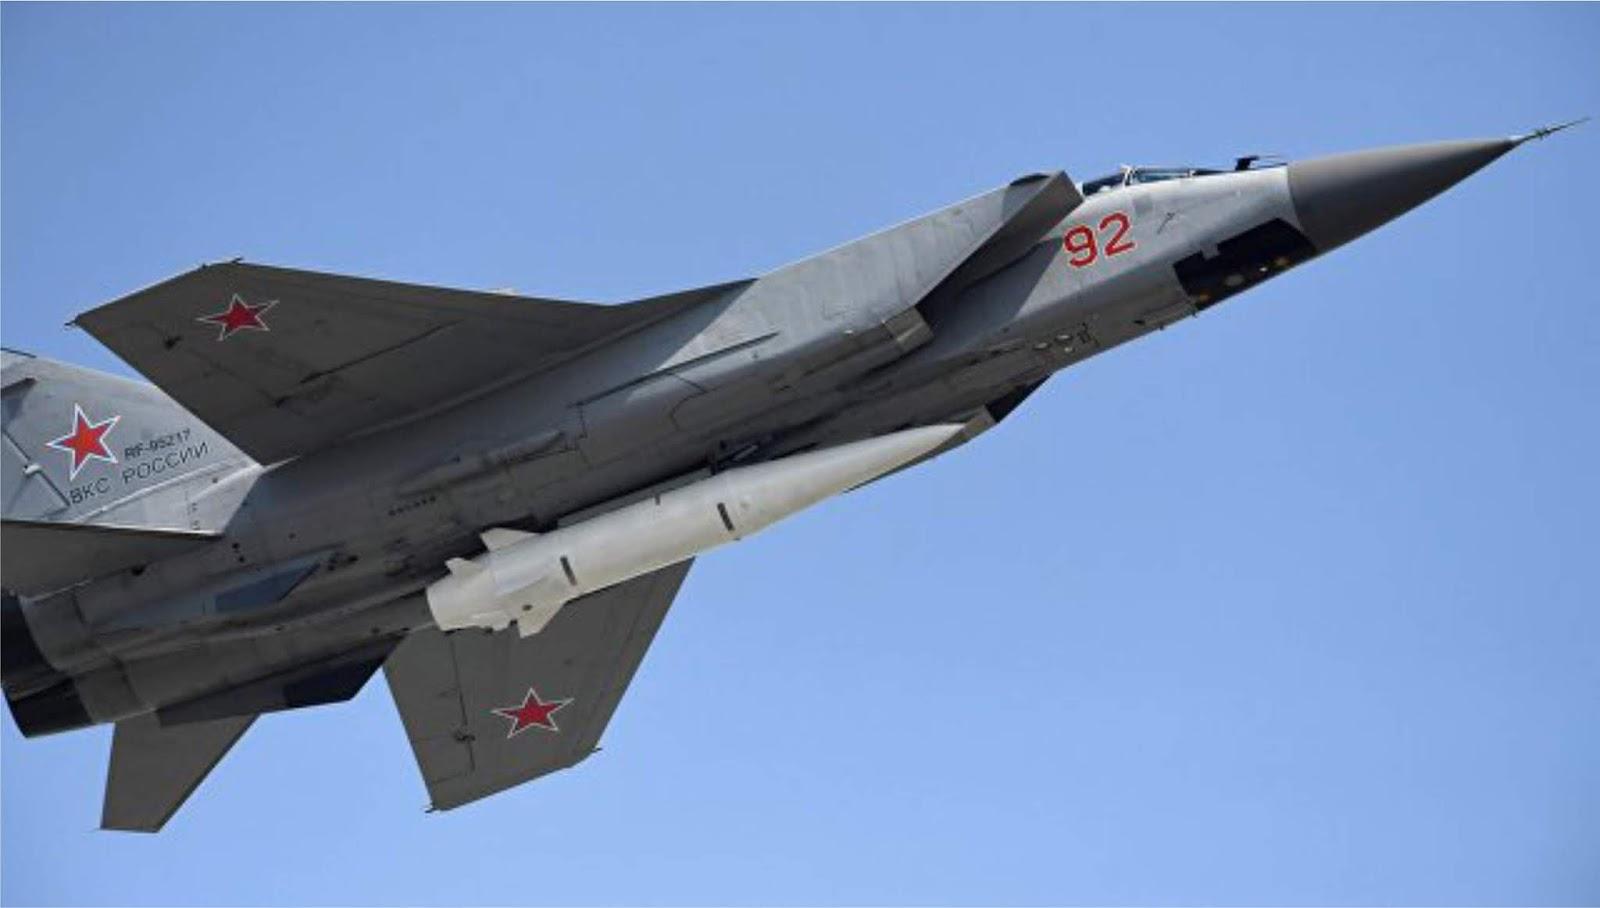 NI berbicara tentang kerentanan pangkalan AS terhadap rudal Rusia